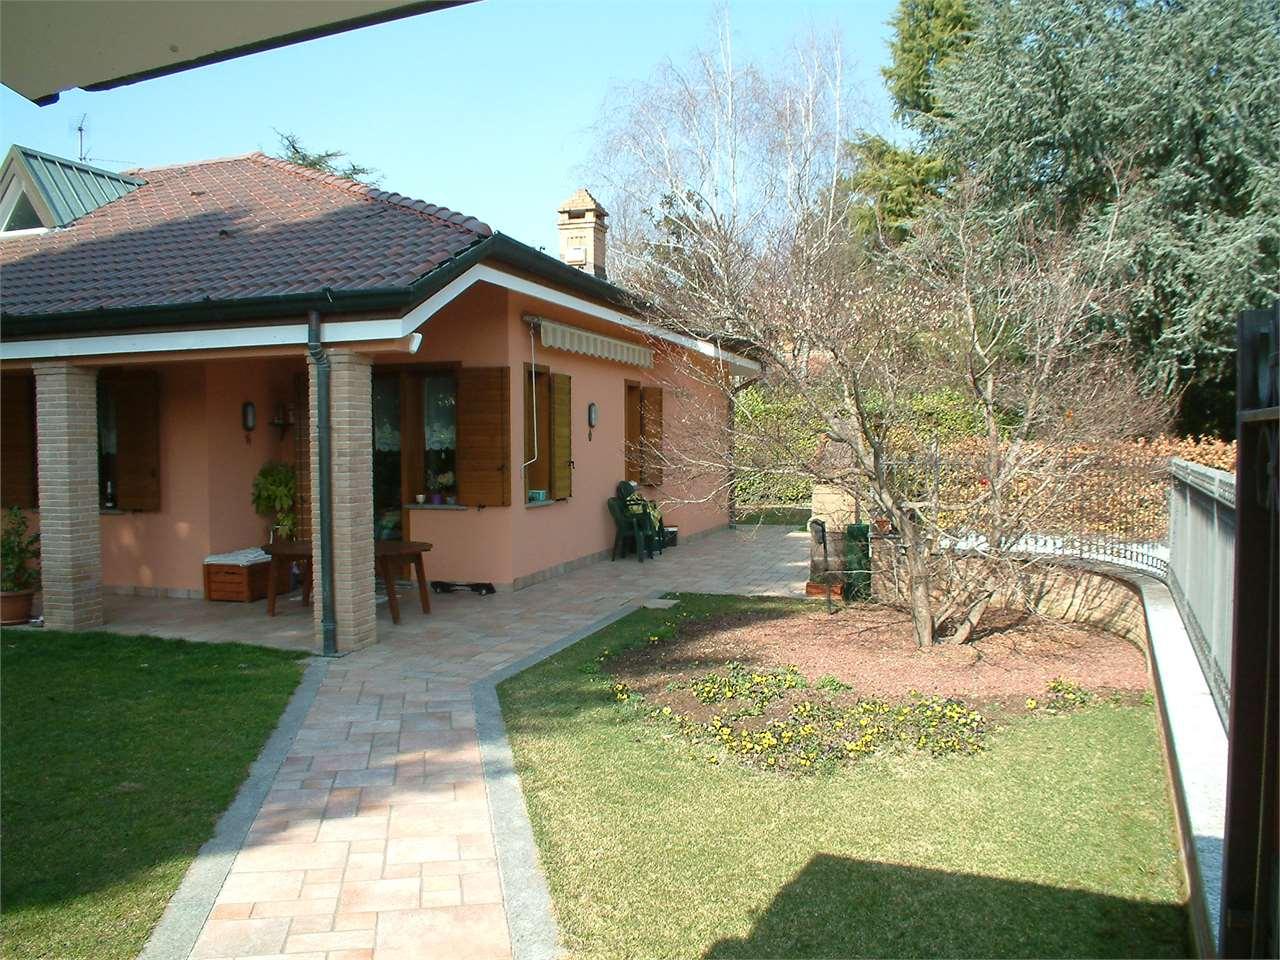 Villa in vendita a Guanzate, 9999 locali, zona Località: Cinq Fo', prezzo € 660.000 | CambioCasa.it